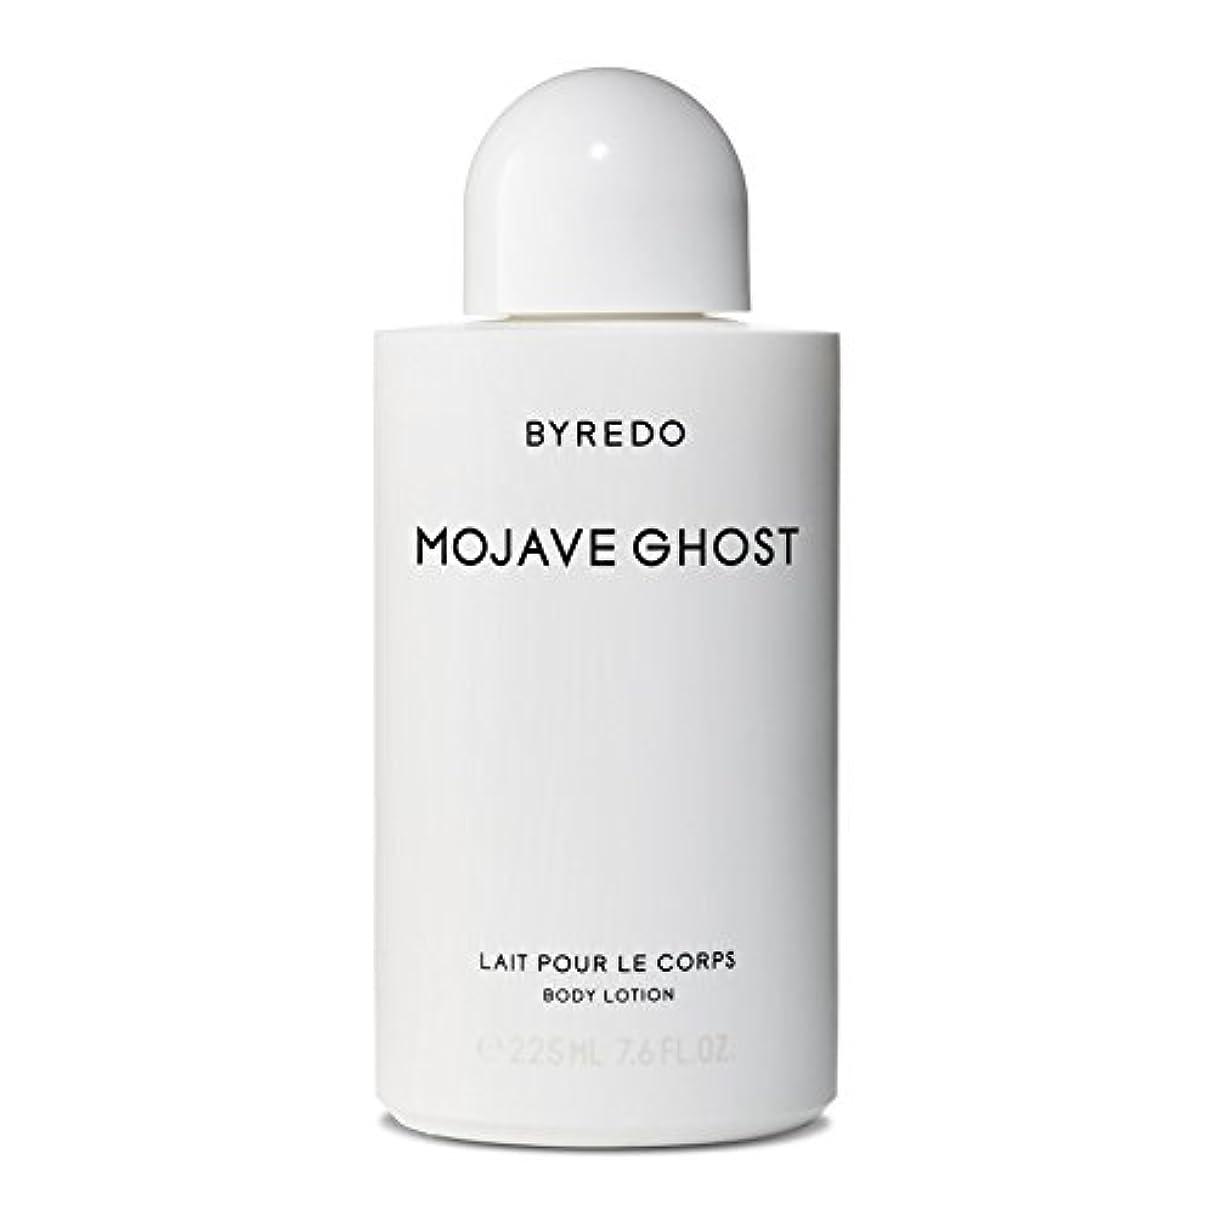 テキストバケット断片Byredo Mojave Ghost Body Lotion - モハーベゴーストボディローション [並行輸入品]